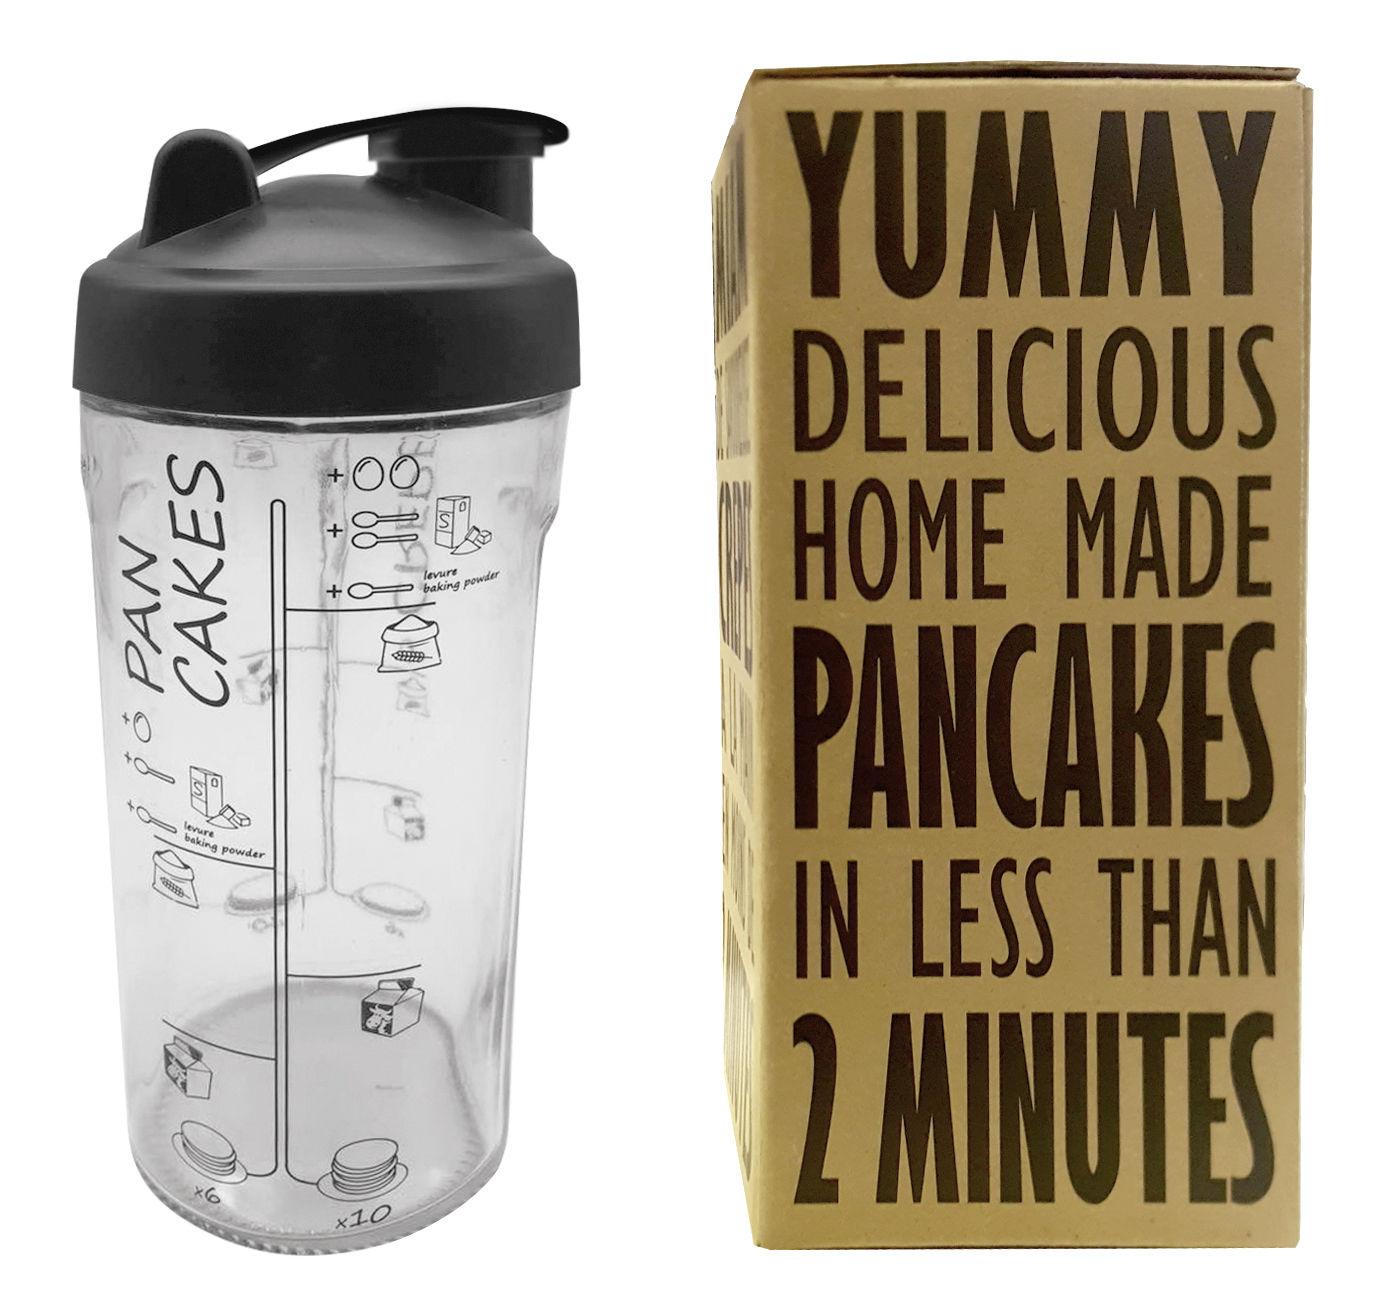 Cuisine - Ustensiles de cuisines - Shaker Miam / Pour crêpes et pancakes en 2 minutes - Cookut - Transparent / Noir - Silicone, Verre